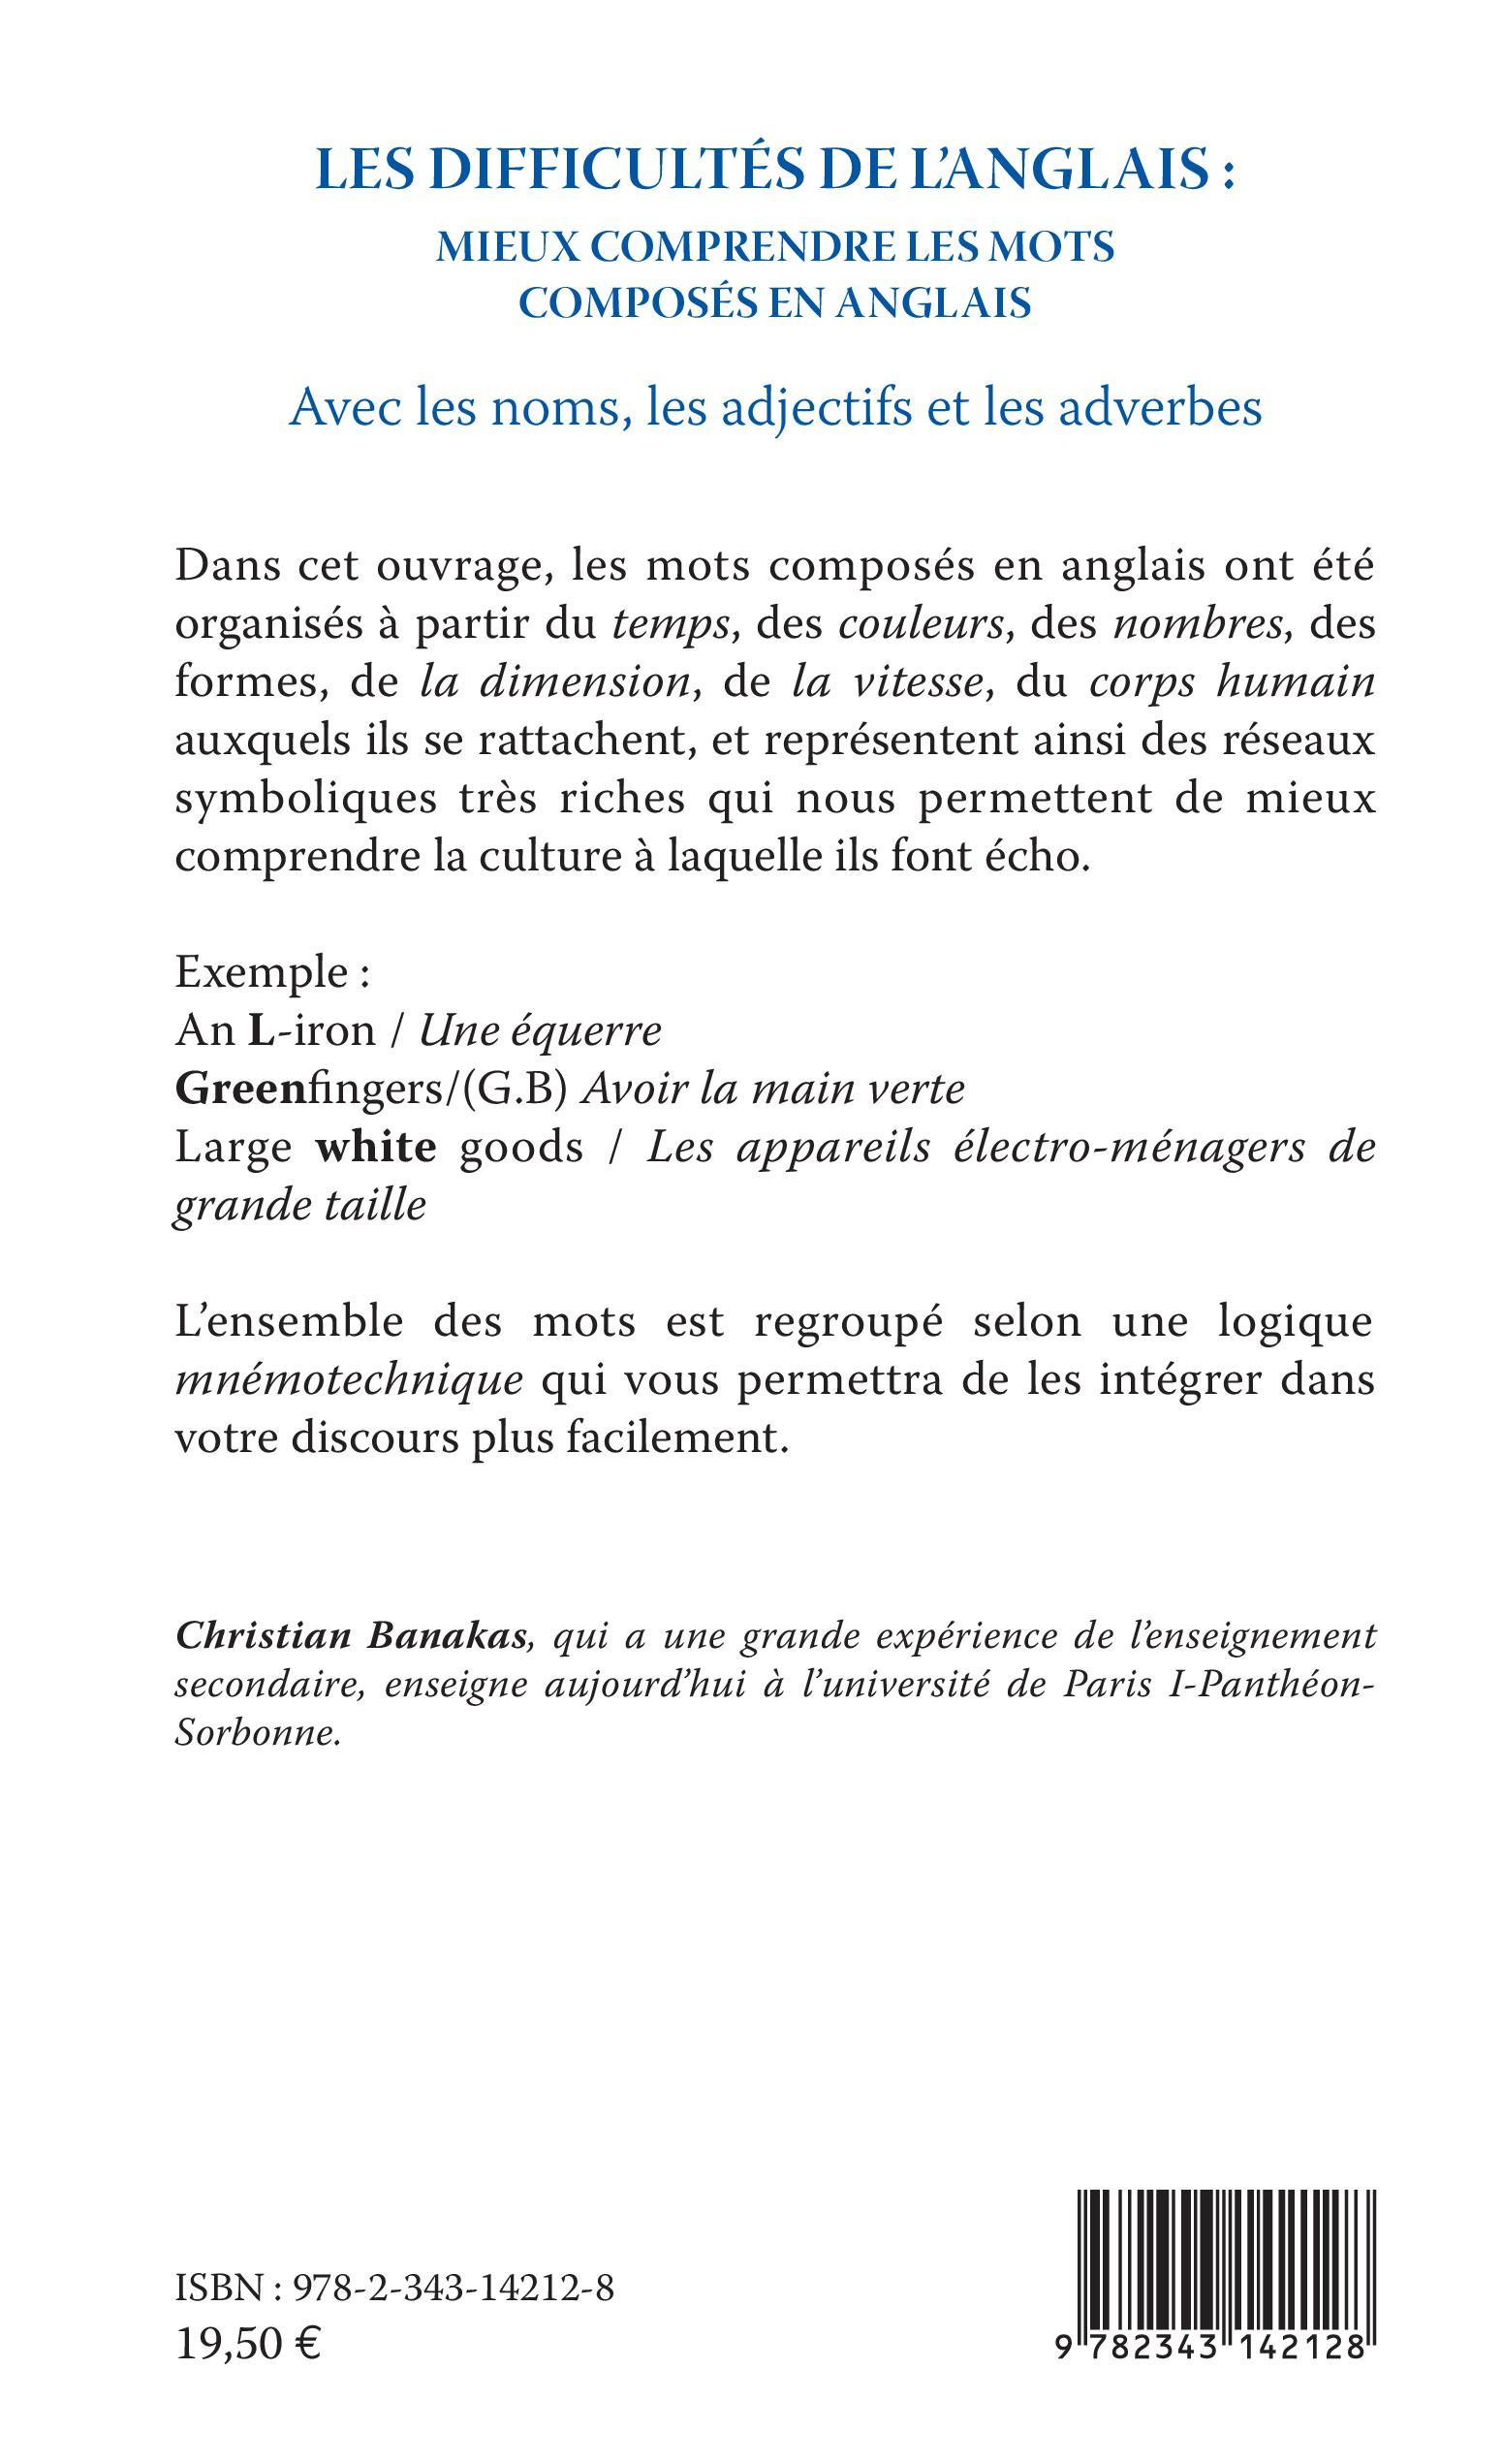 Les Difficultes De L Anglais Mieux Comprendre Les Mots Composes En Anglais Avec Les Noms Les Adjectifs Et Les Adverbes Christian Banakas Livre Ebook Epub